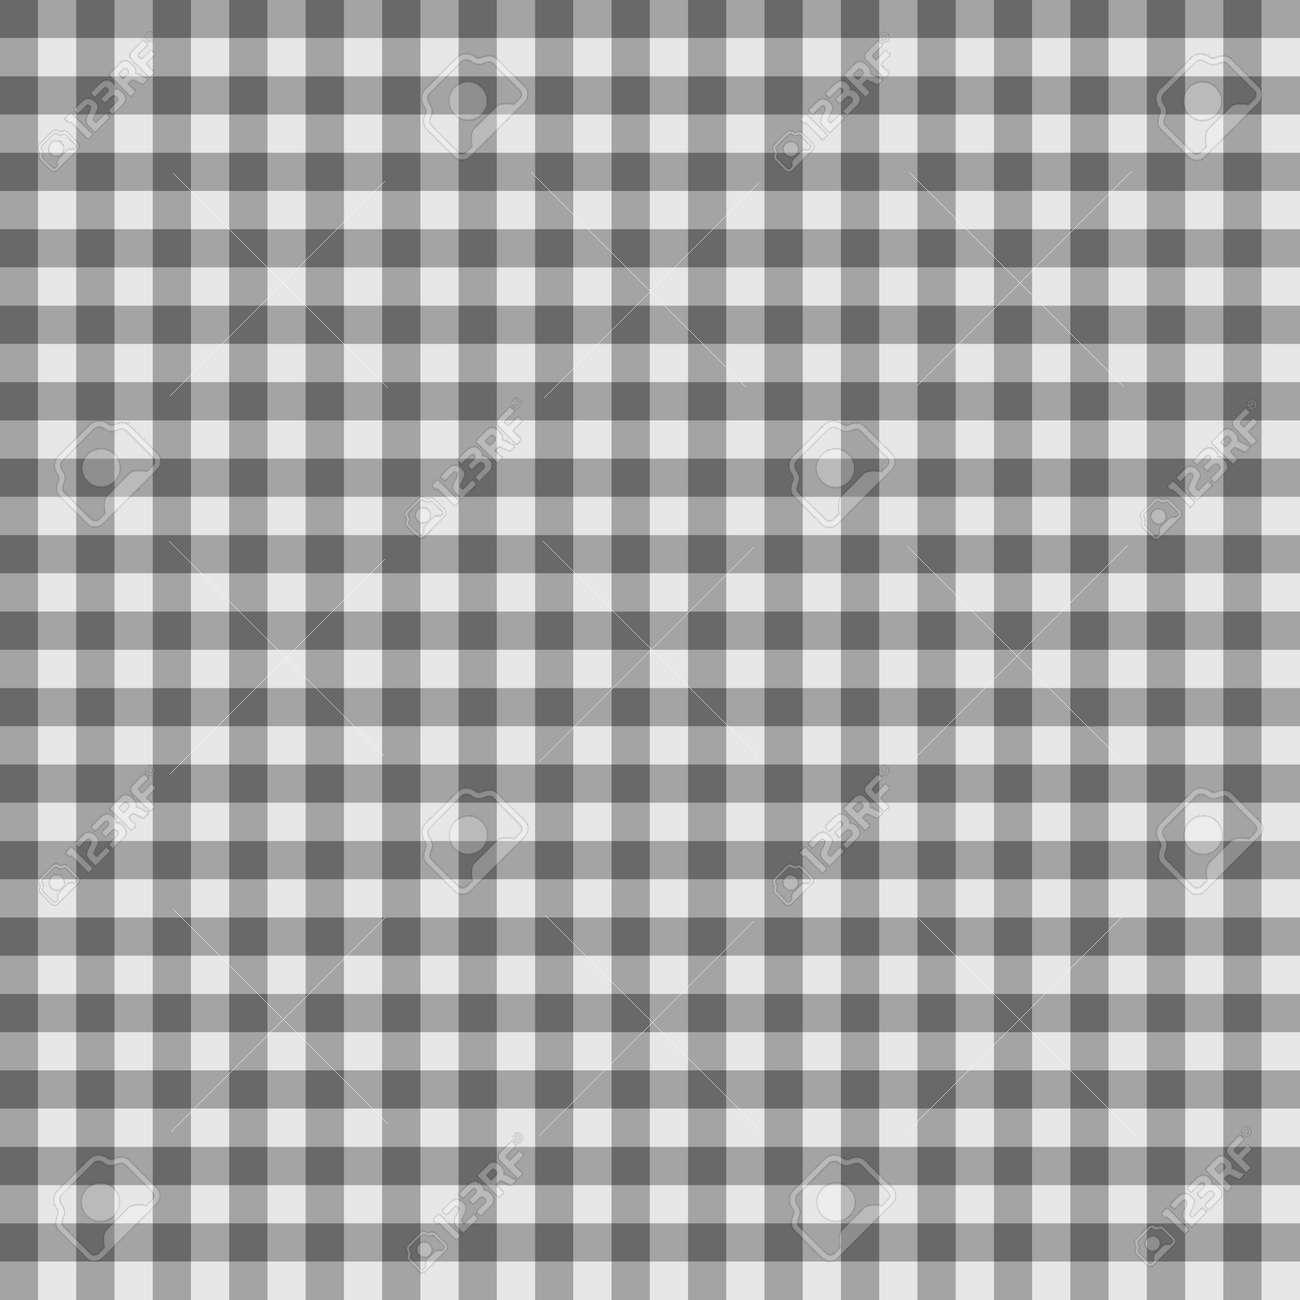 グレー色のギンガム チェック柄市松模様のシームレス パターン 抽象的な幾何学的な背景 のイラスト素材 ベクタ Image